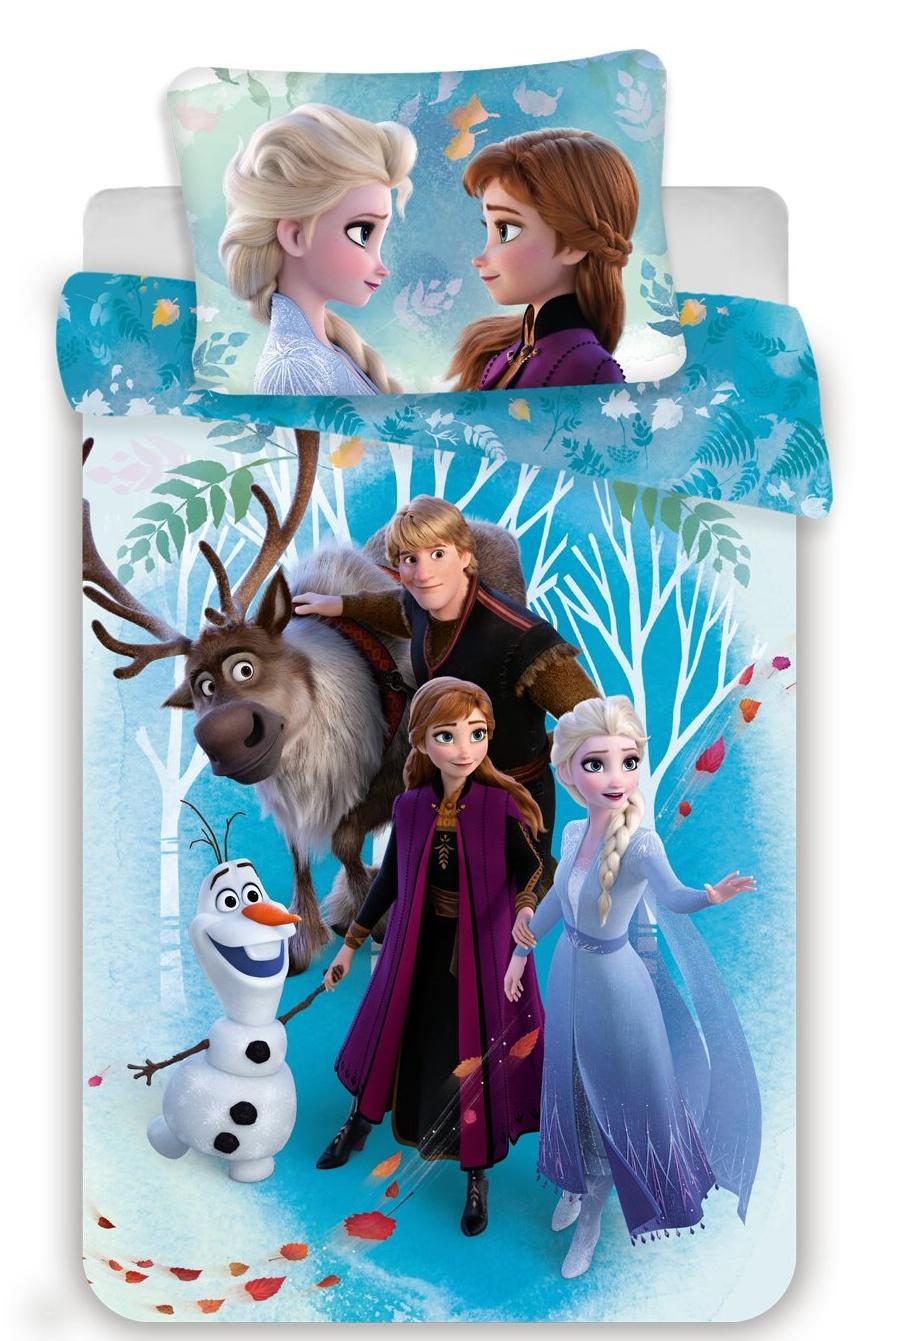 Disney povlečení do postýlky Frozen 2 baby 100x135, 40x60 cm